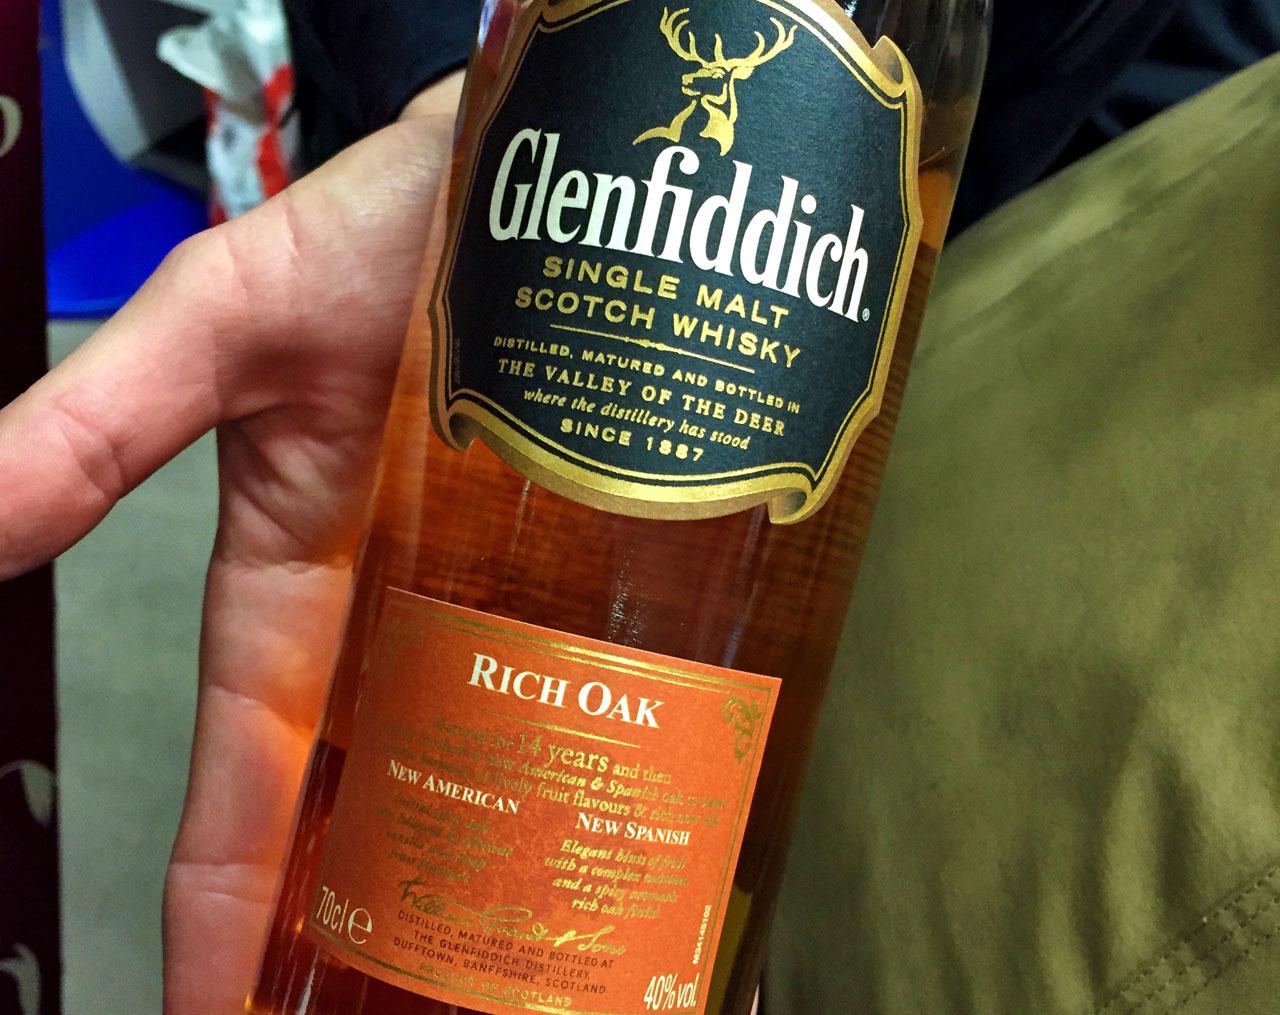 glenfiddich-14-jahre-rich-oak